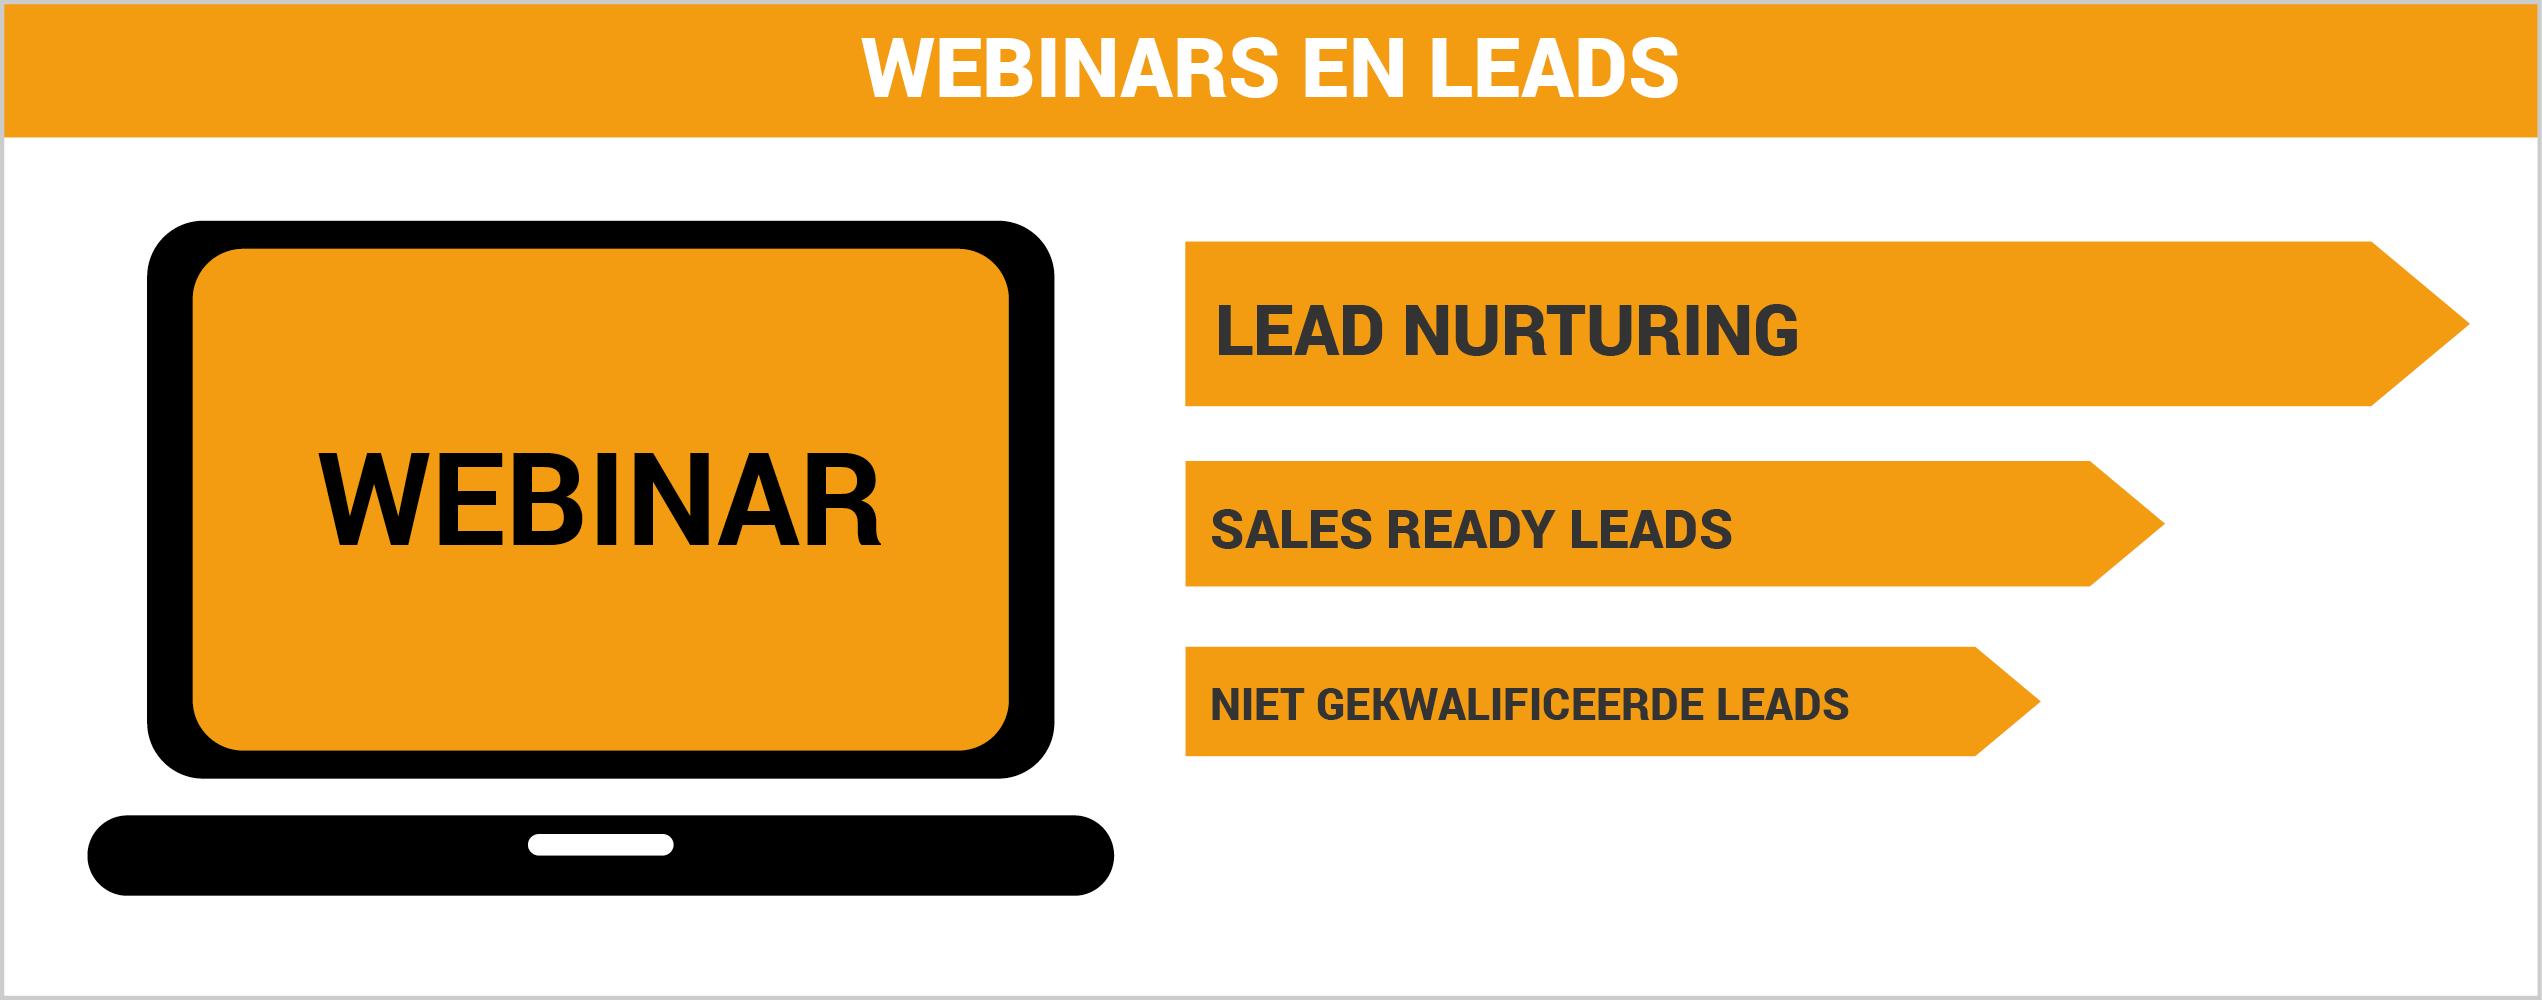 Webinars en leads